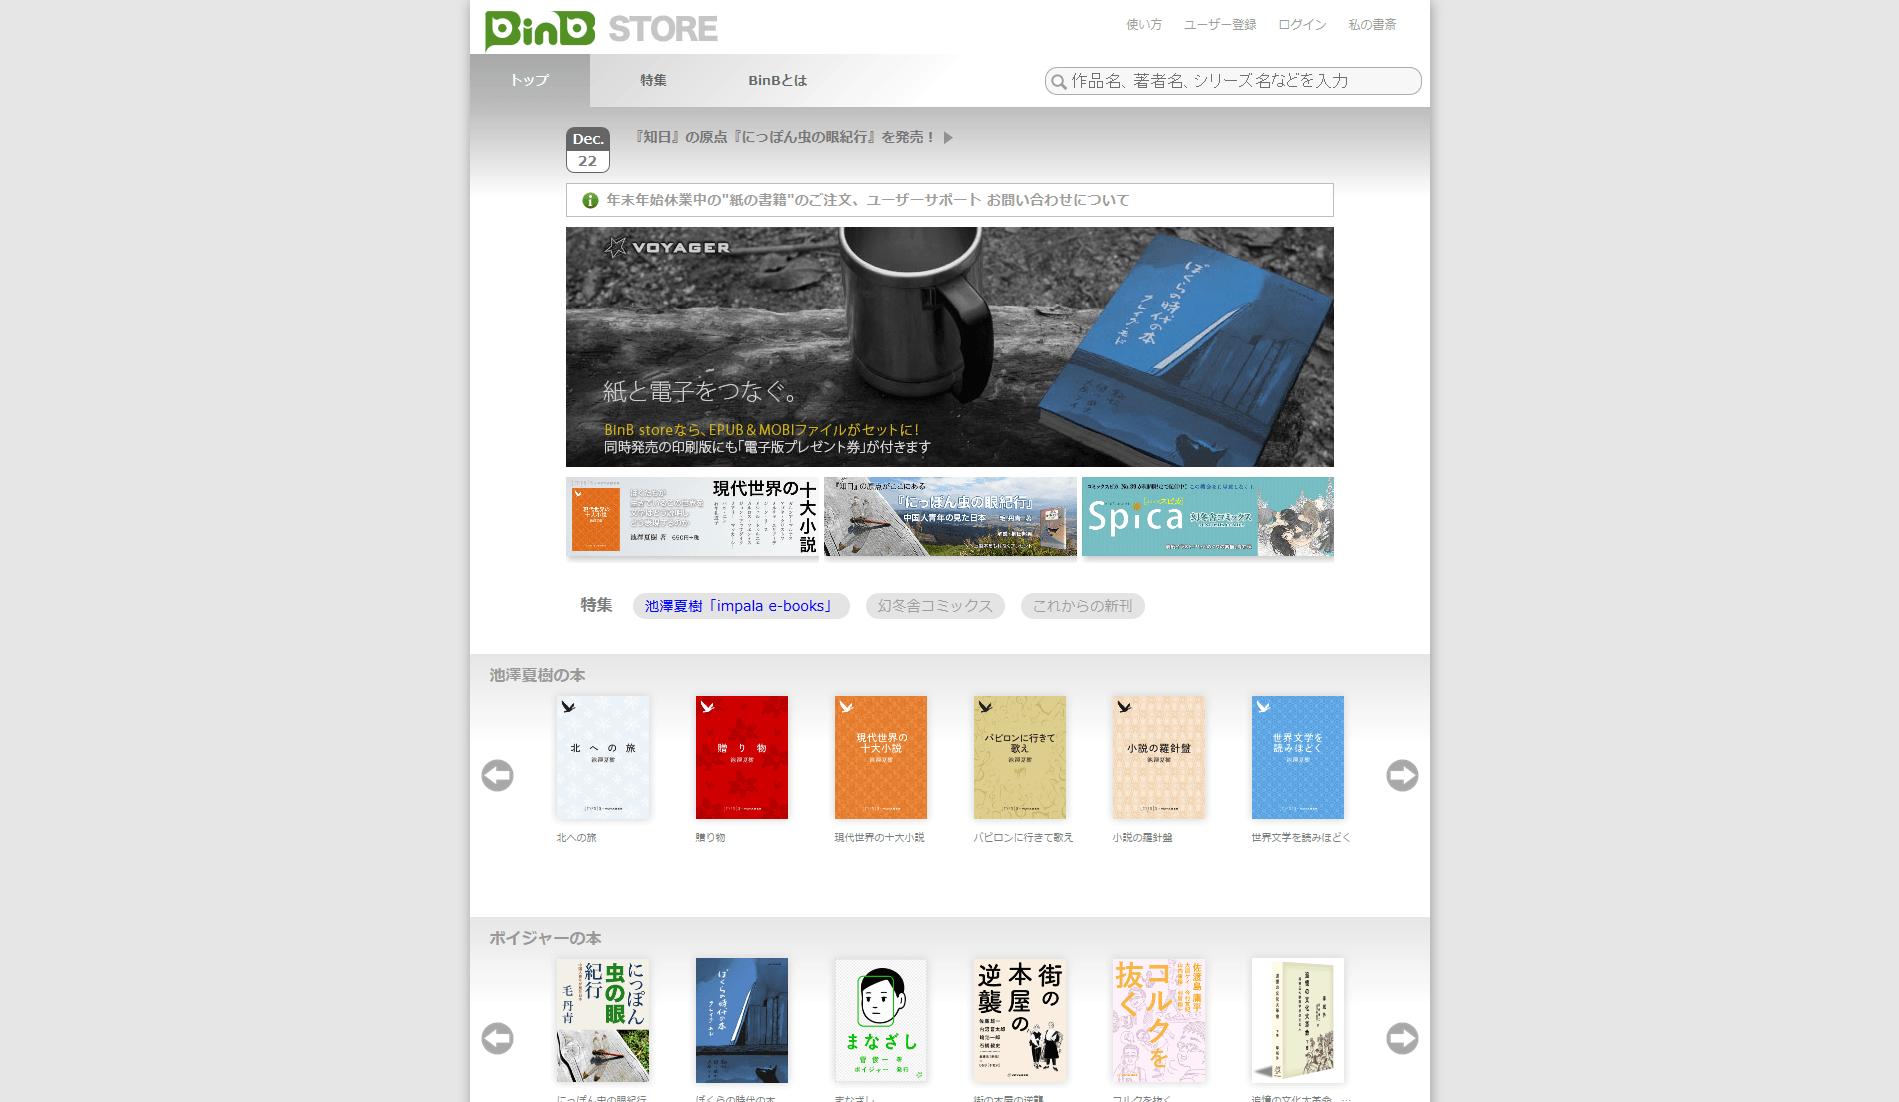 BinB store - ボイジャーの新しい読書システム